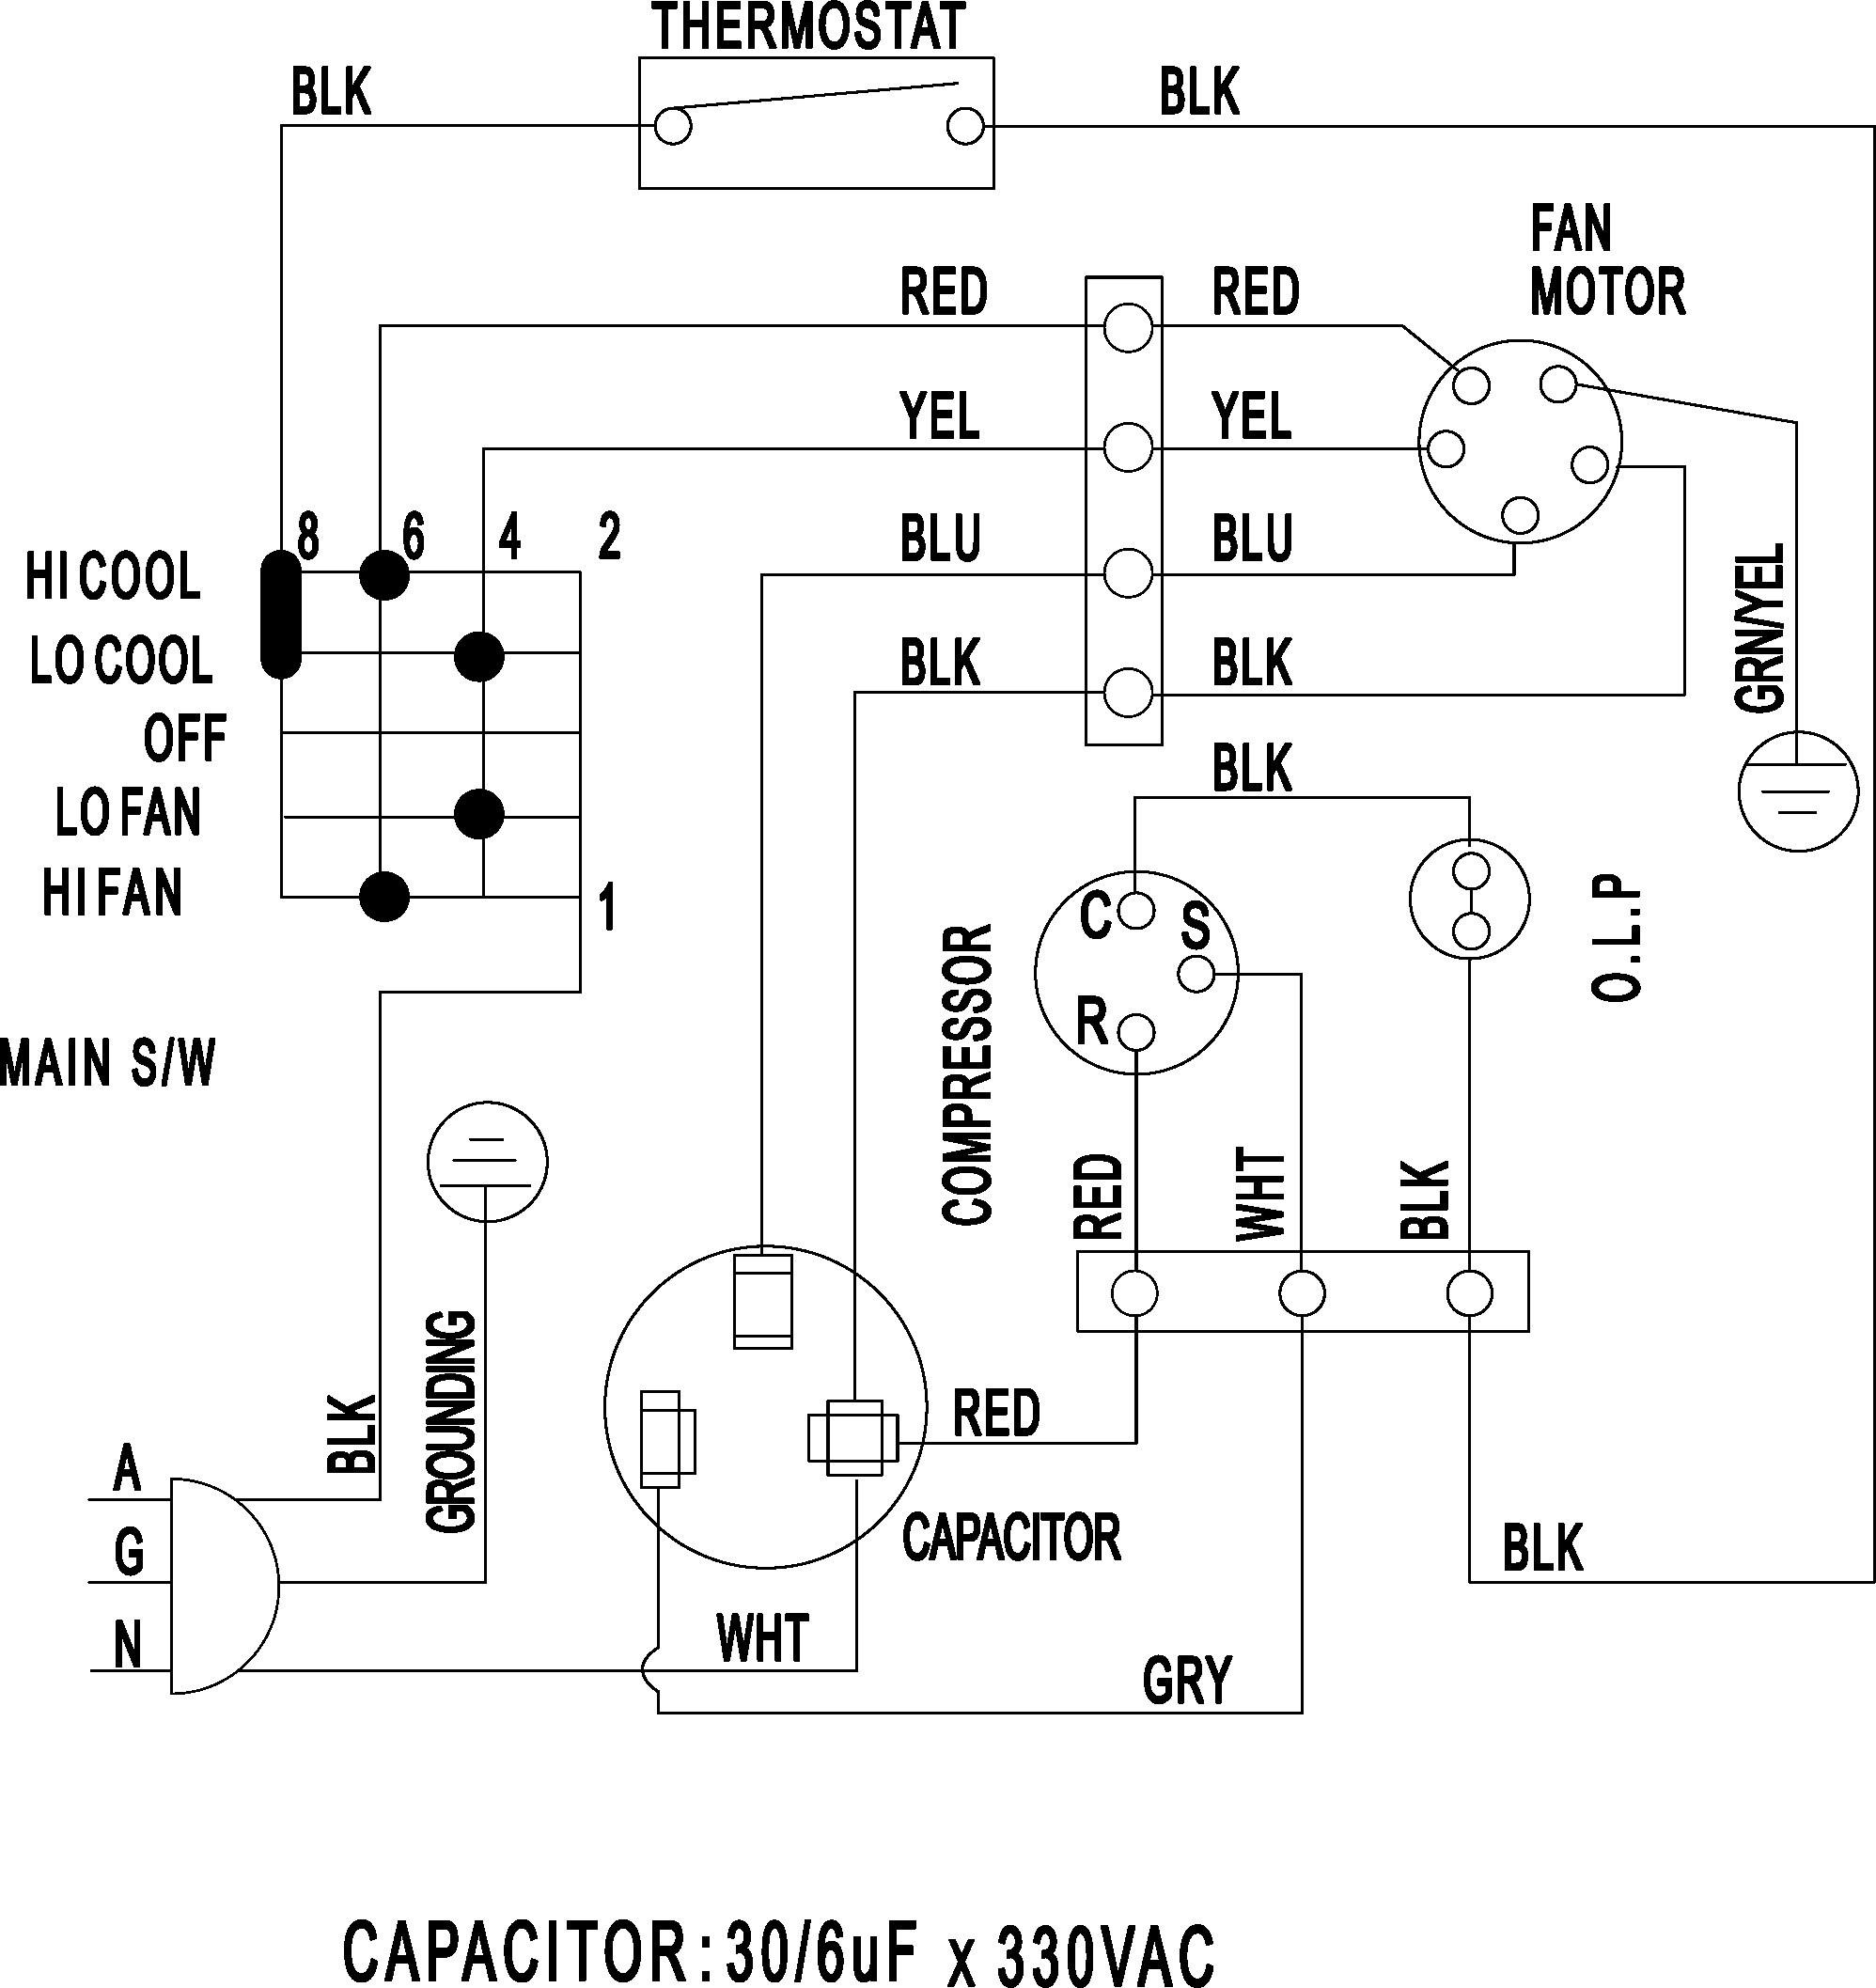 York Motor Wiring Diagram - Wiring Diagram Data Oreo - Genteq Motor Wiring Diagram